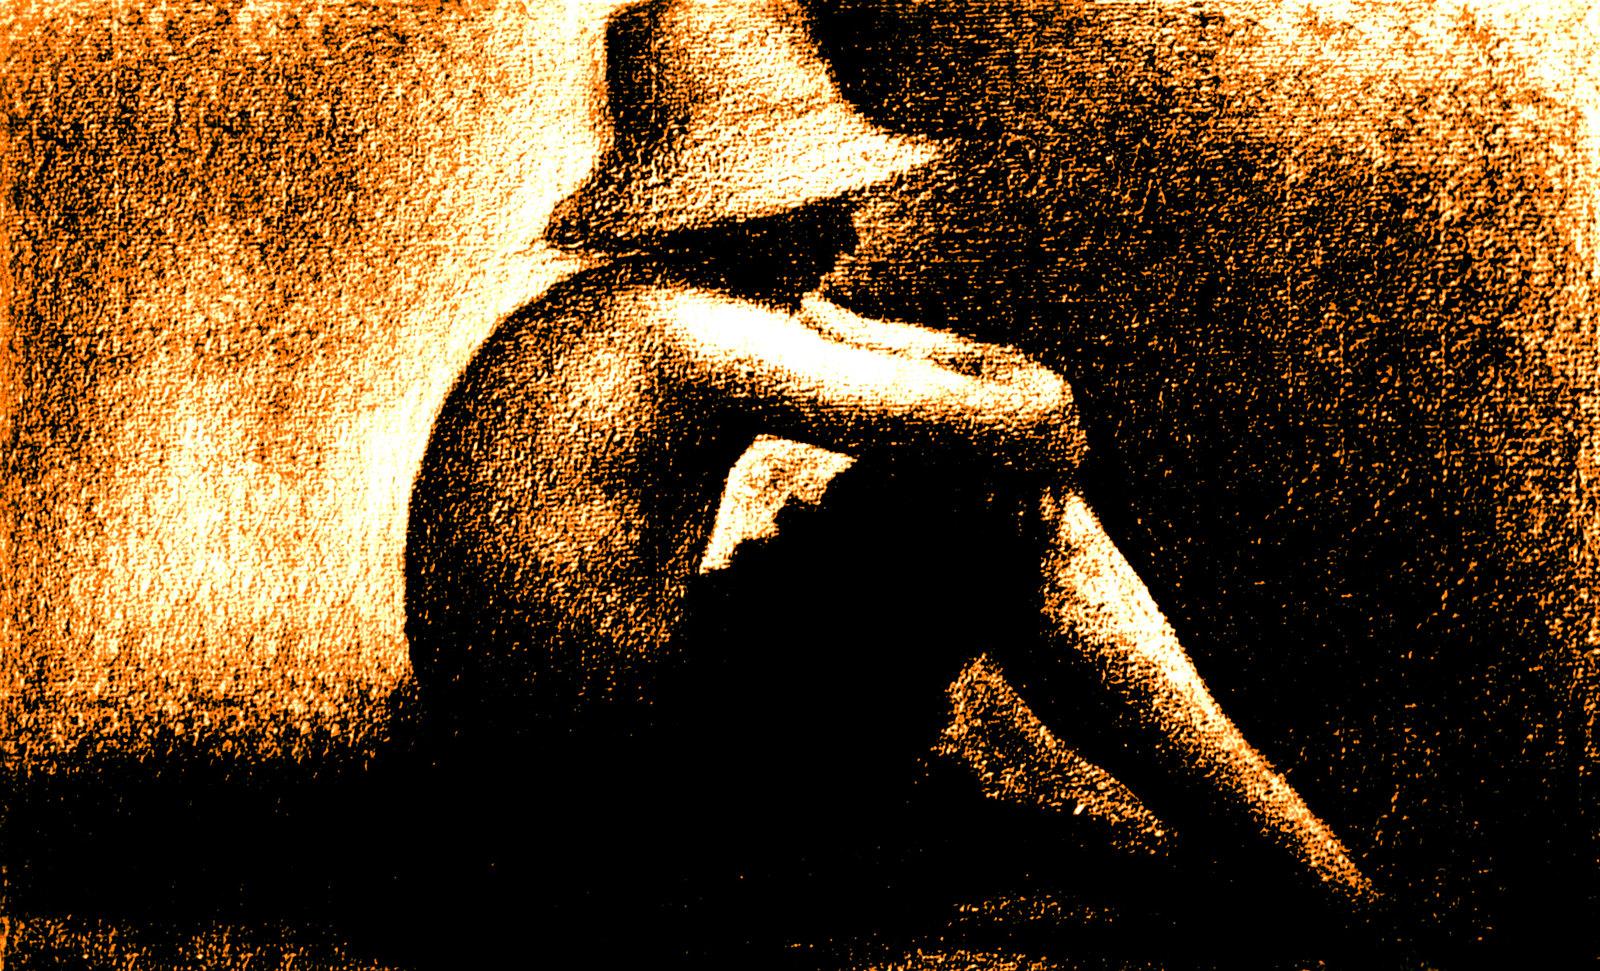 Georges Pierre Seurat